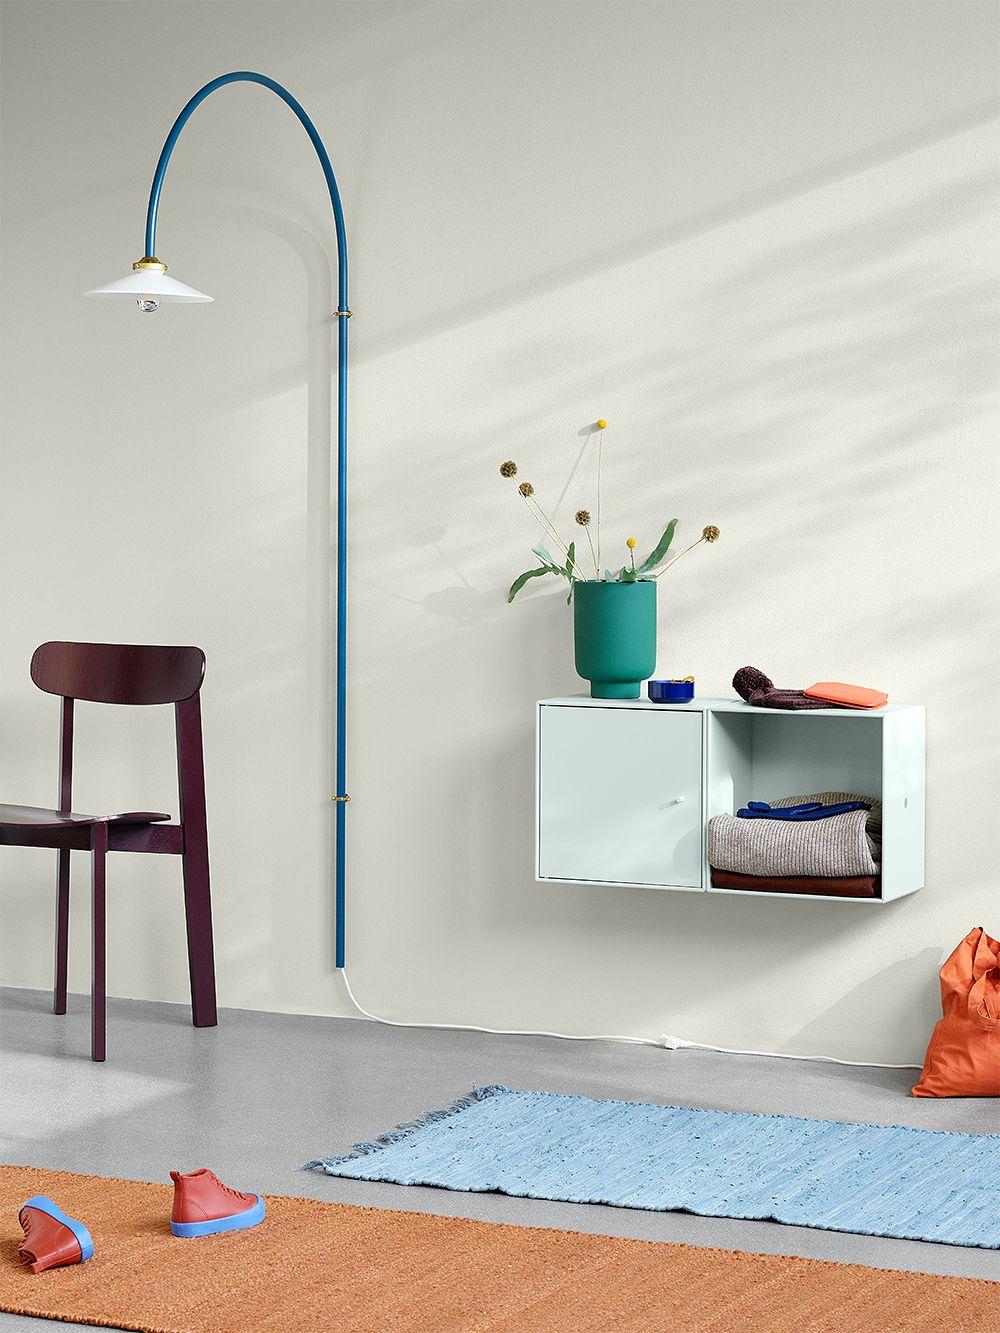 Montana Furnituren Montana Mini -säilytysmoduulit lastenhuoneen sisustuksessa.